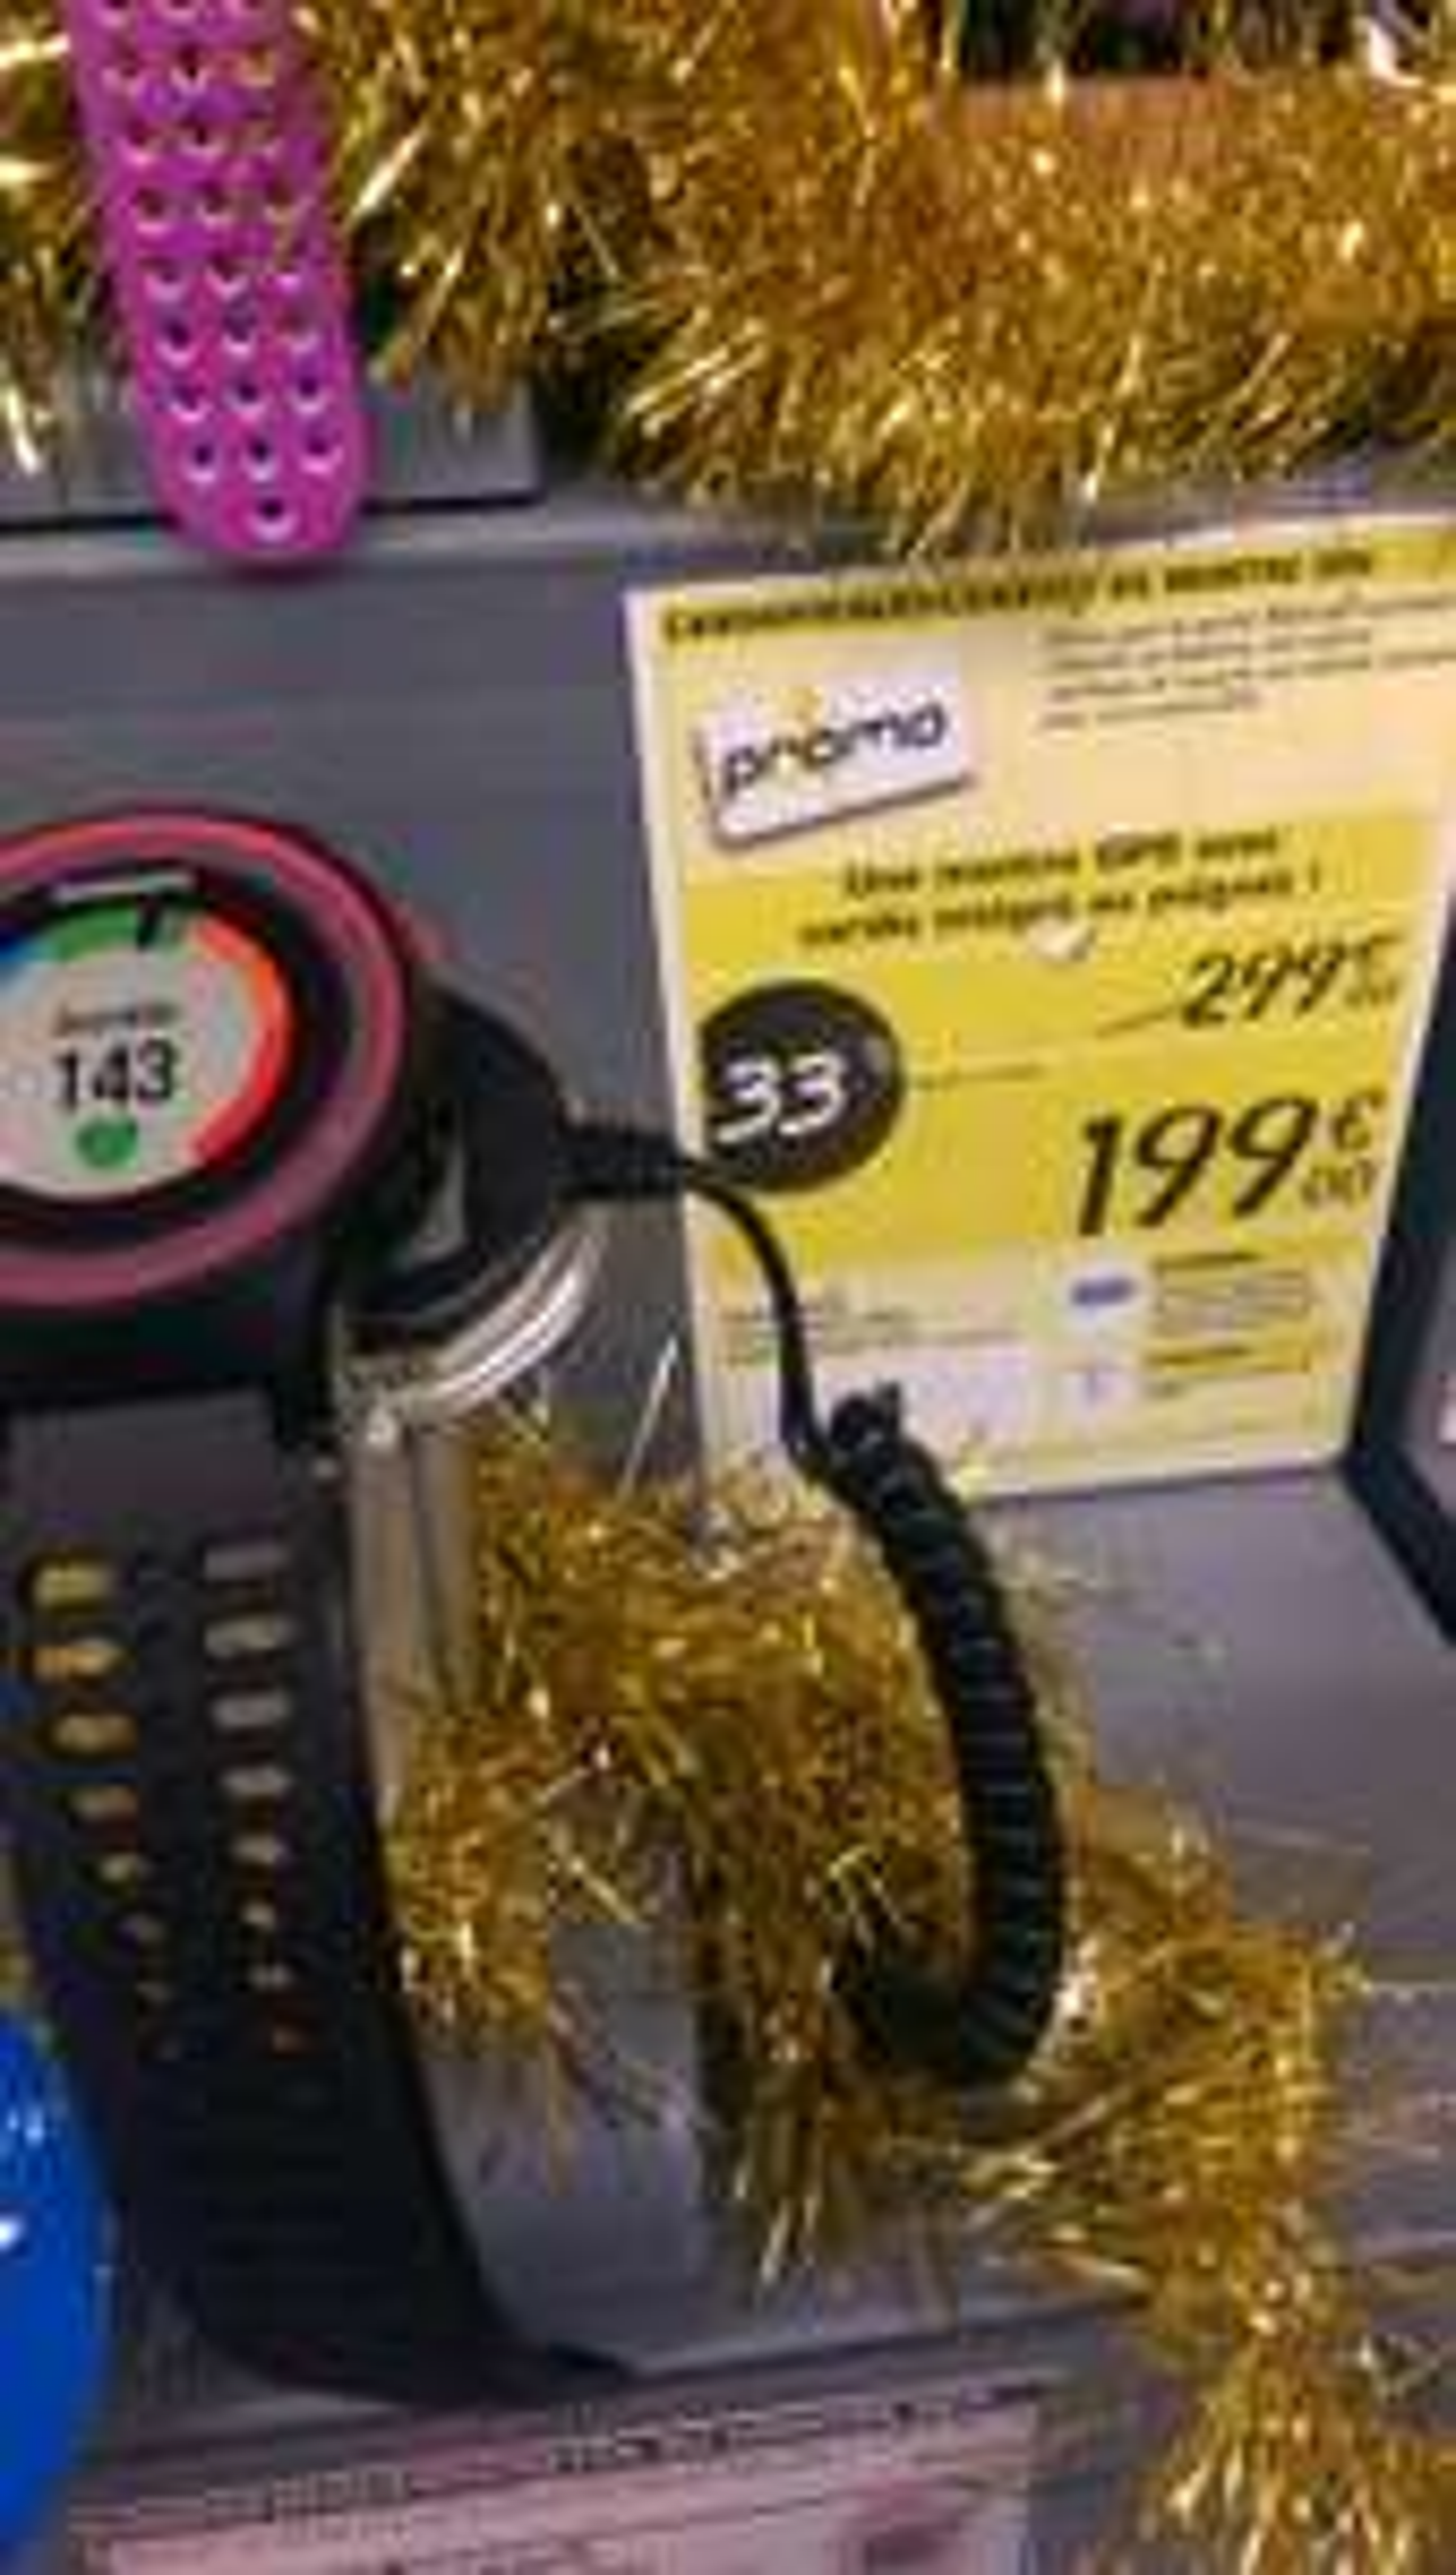 Montre Cardio GPS forerunner 225  (coloris au choix)